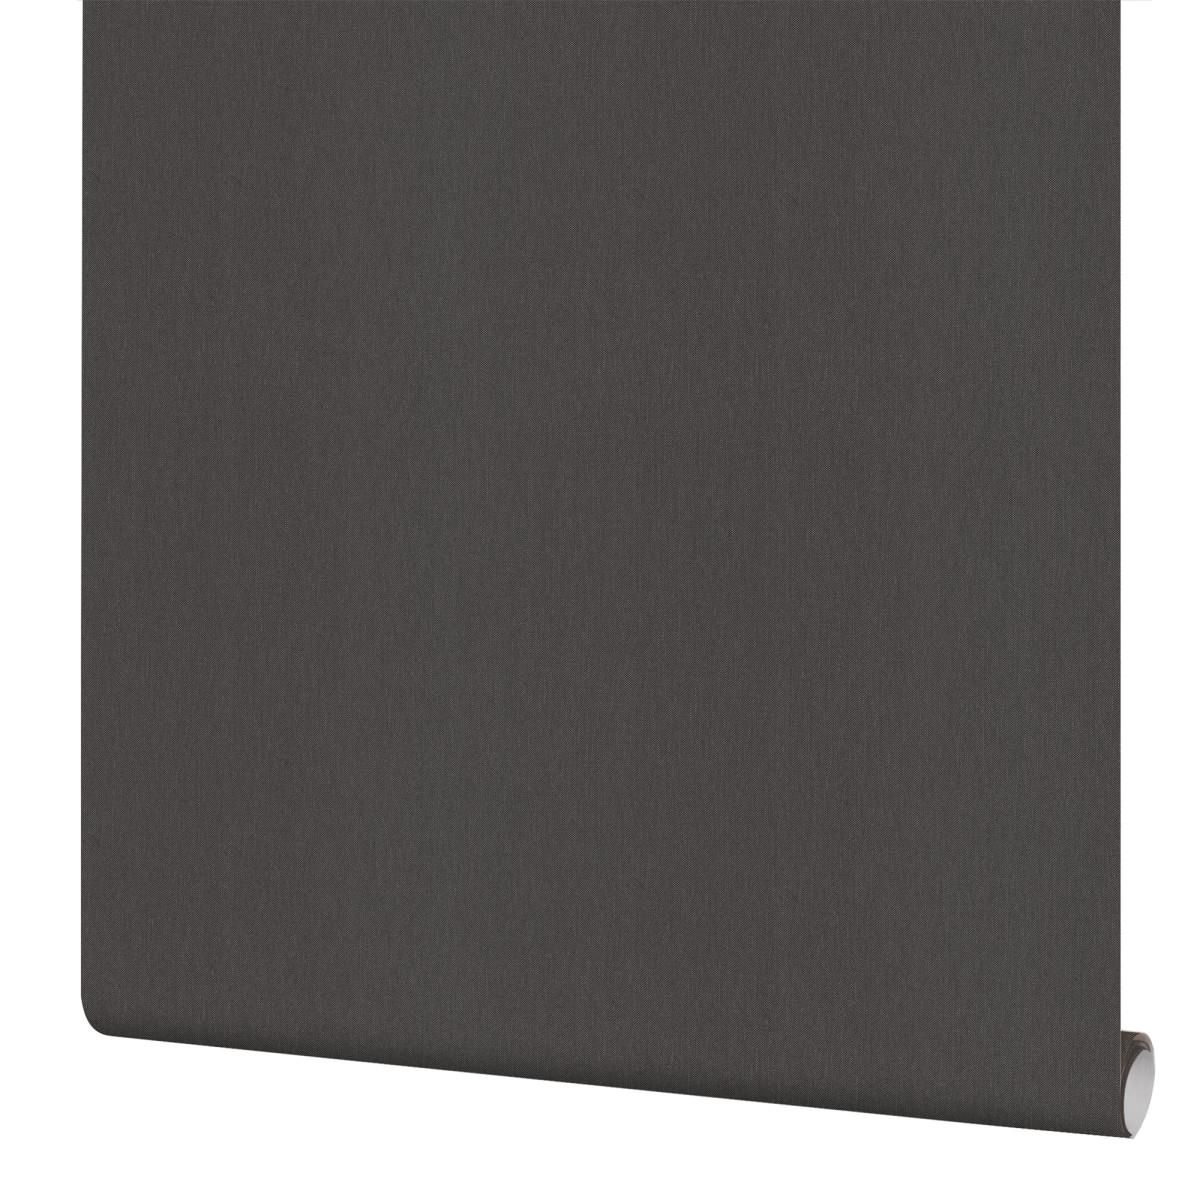 Обои флизелиновые Inspire Anna черные 1.06 м 640236